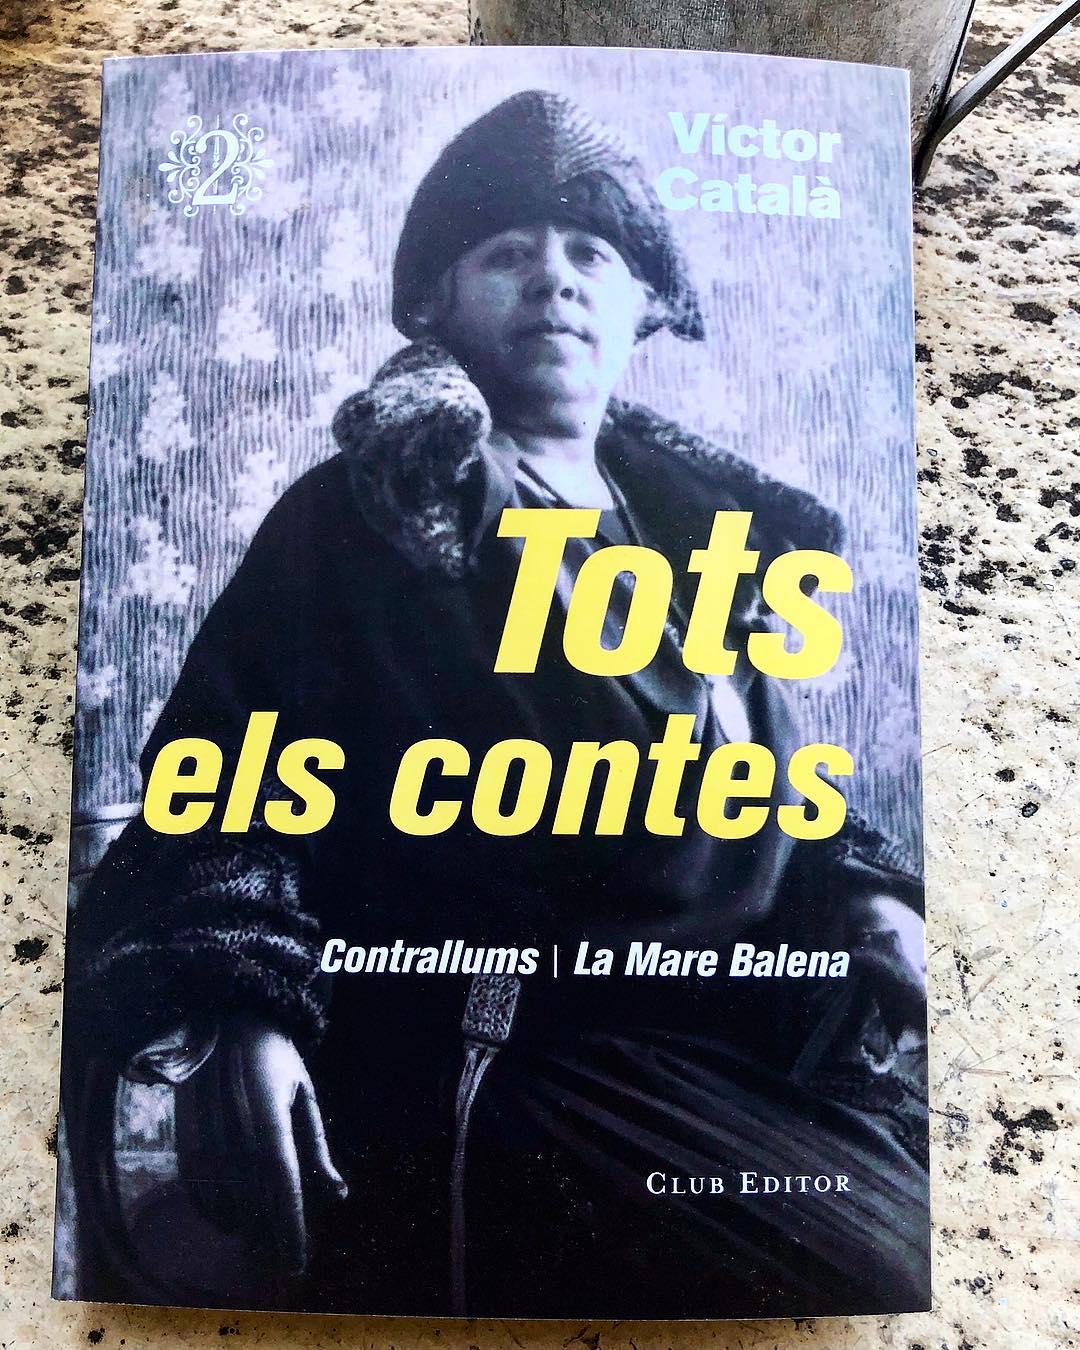 Bon dilluns!! És un luxe gaudir ja del segon volum de 'Tots els contes' de la Víctor Català #laVíctor #VíctorCatalà #Totselscontes #literaturacatalana #literaturauniversal #Novetat #14novembre @elclubeditor #mariabohigas